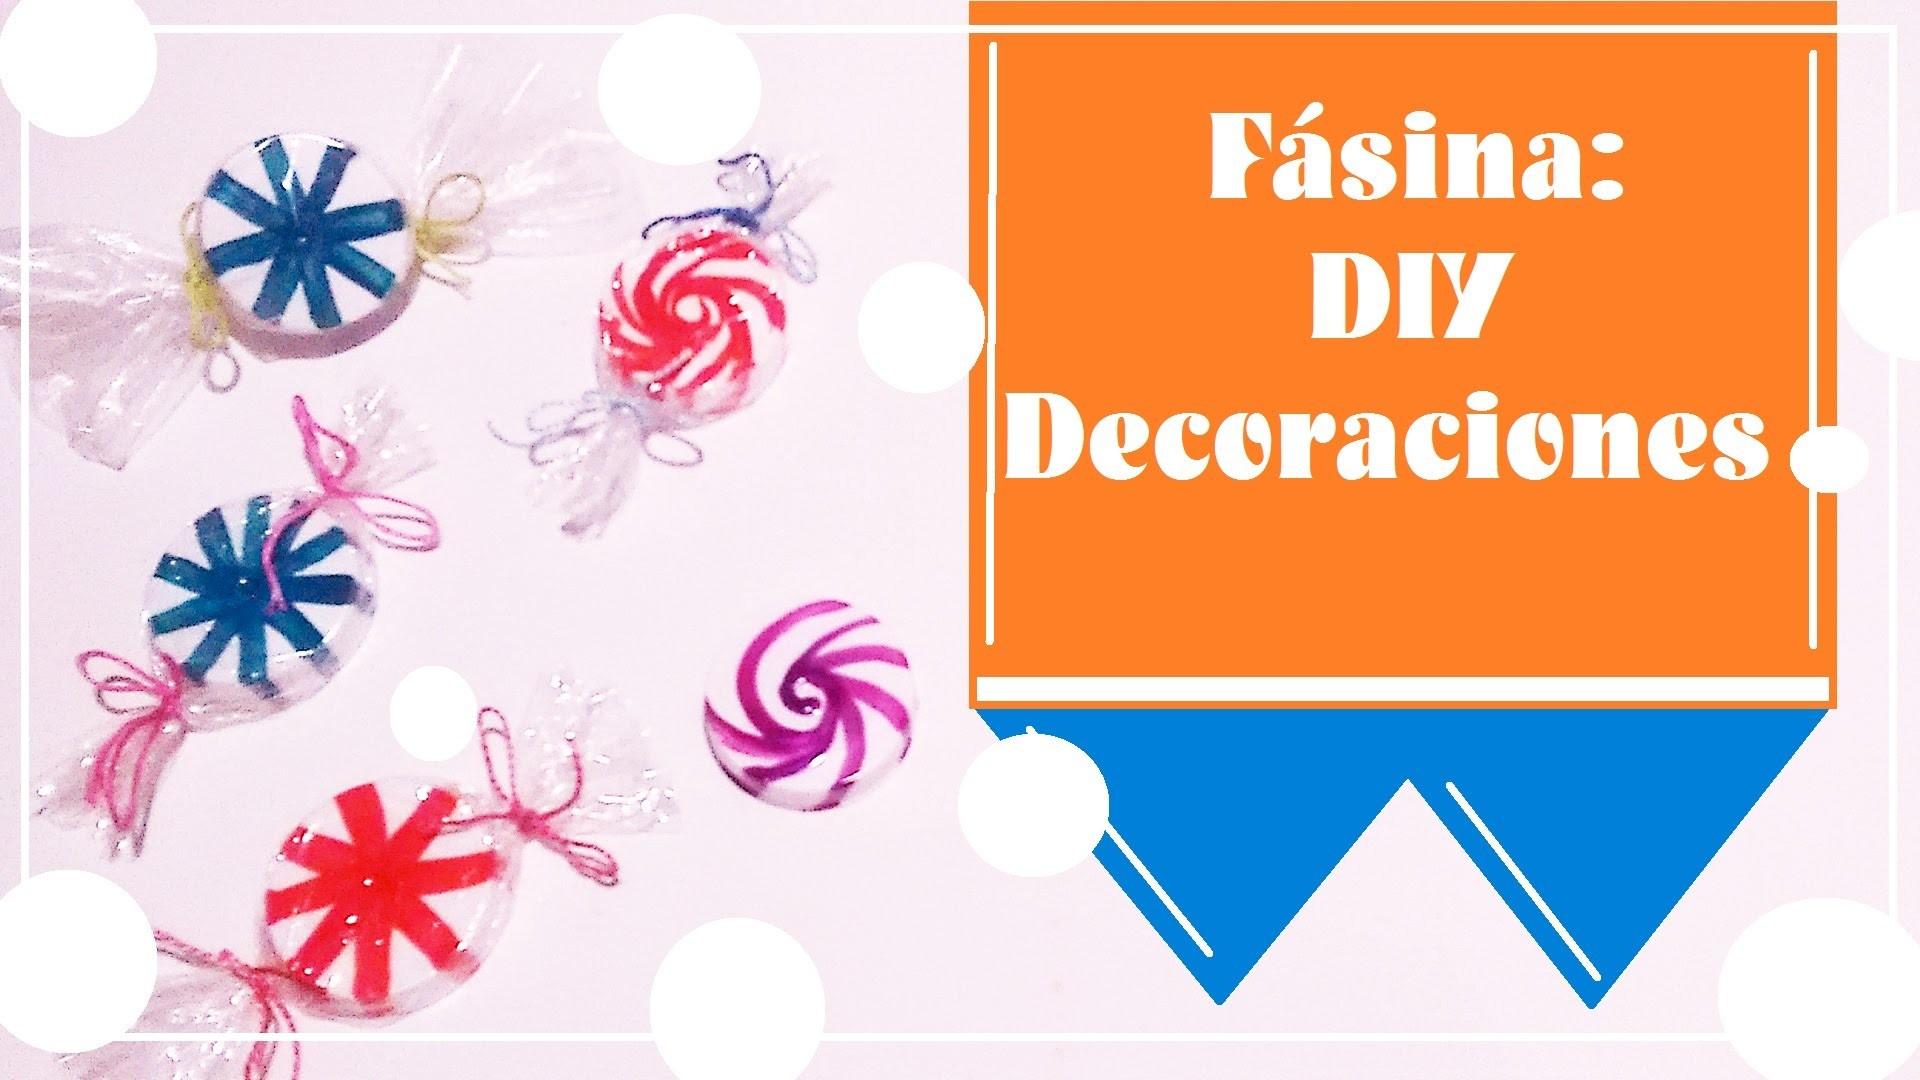 Fásina: DIY Decoraciones -Manualidades.Reciclaje